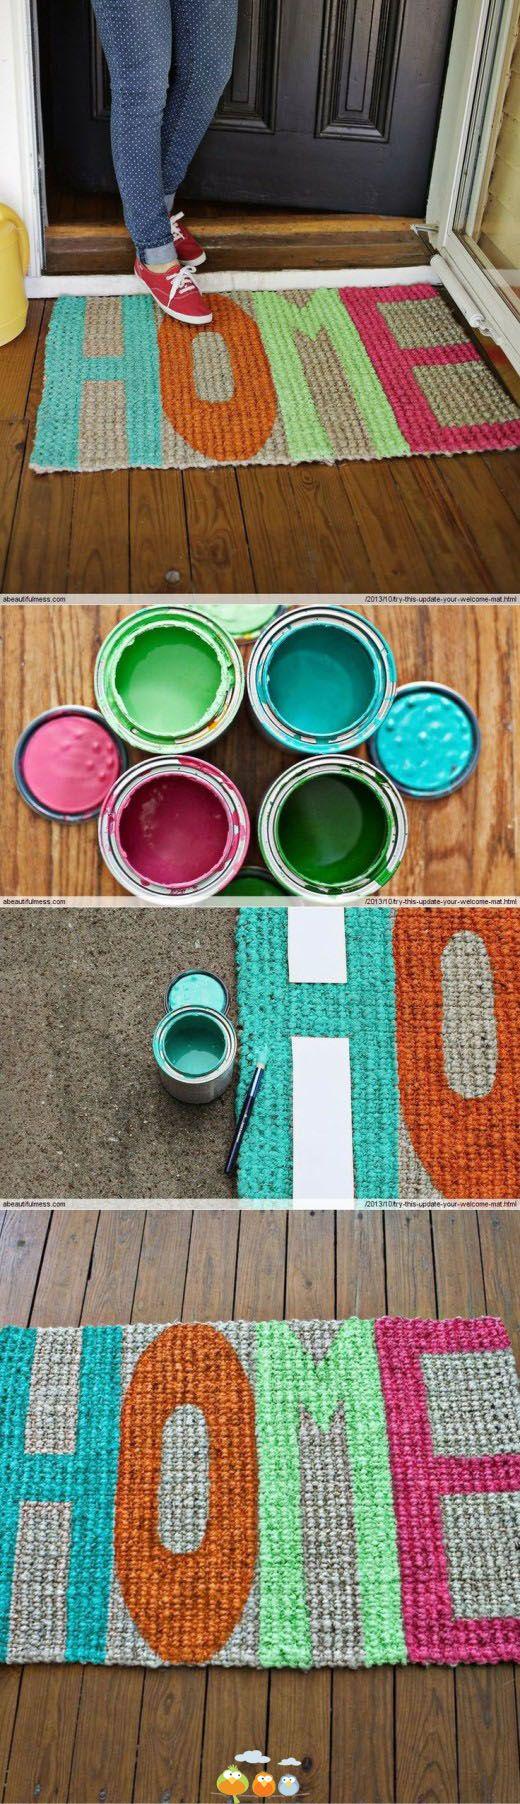 Ideia de tapete pintado - Colocar modelo de letras no tapete e pintar em cima ou Jogar bastante tinta no tapete ( Como faziamos a borboleta na escola) Dobrar o tape e depois com um pincel espalhar a tinta